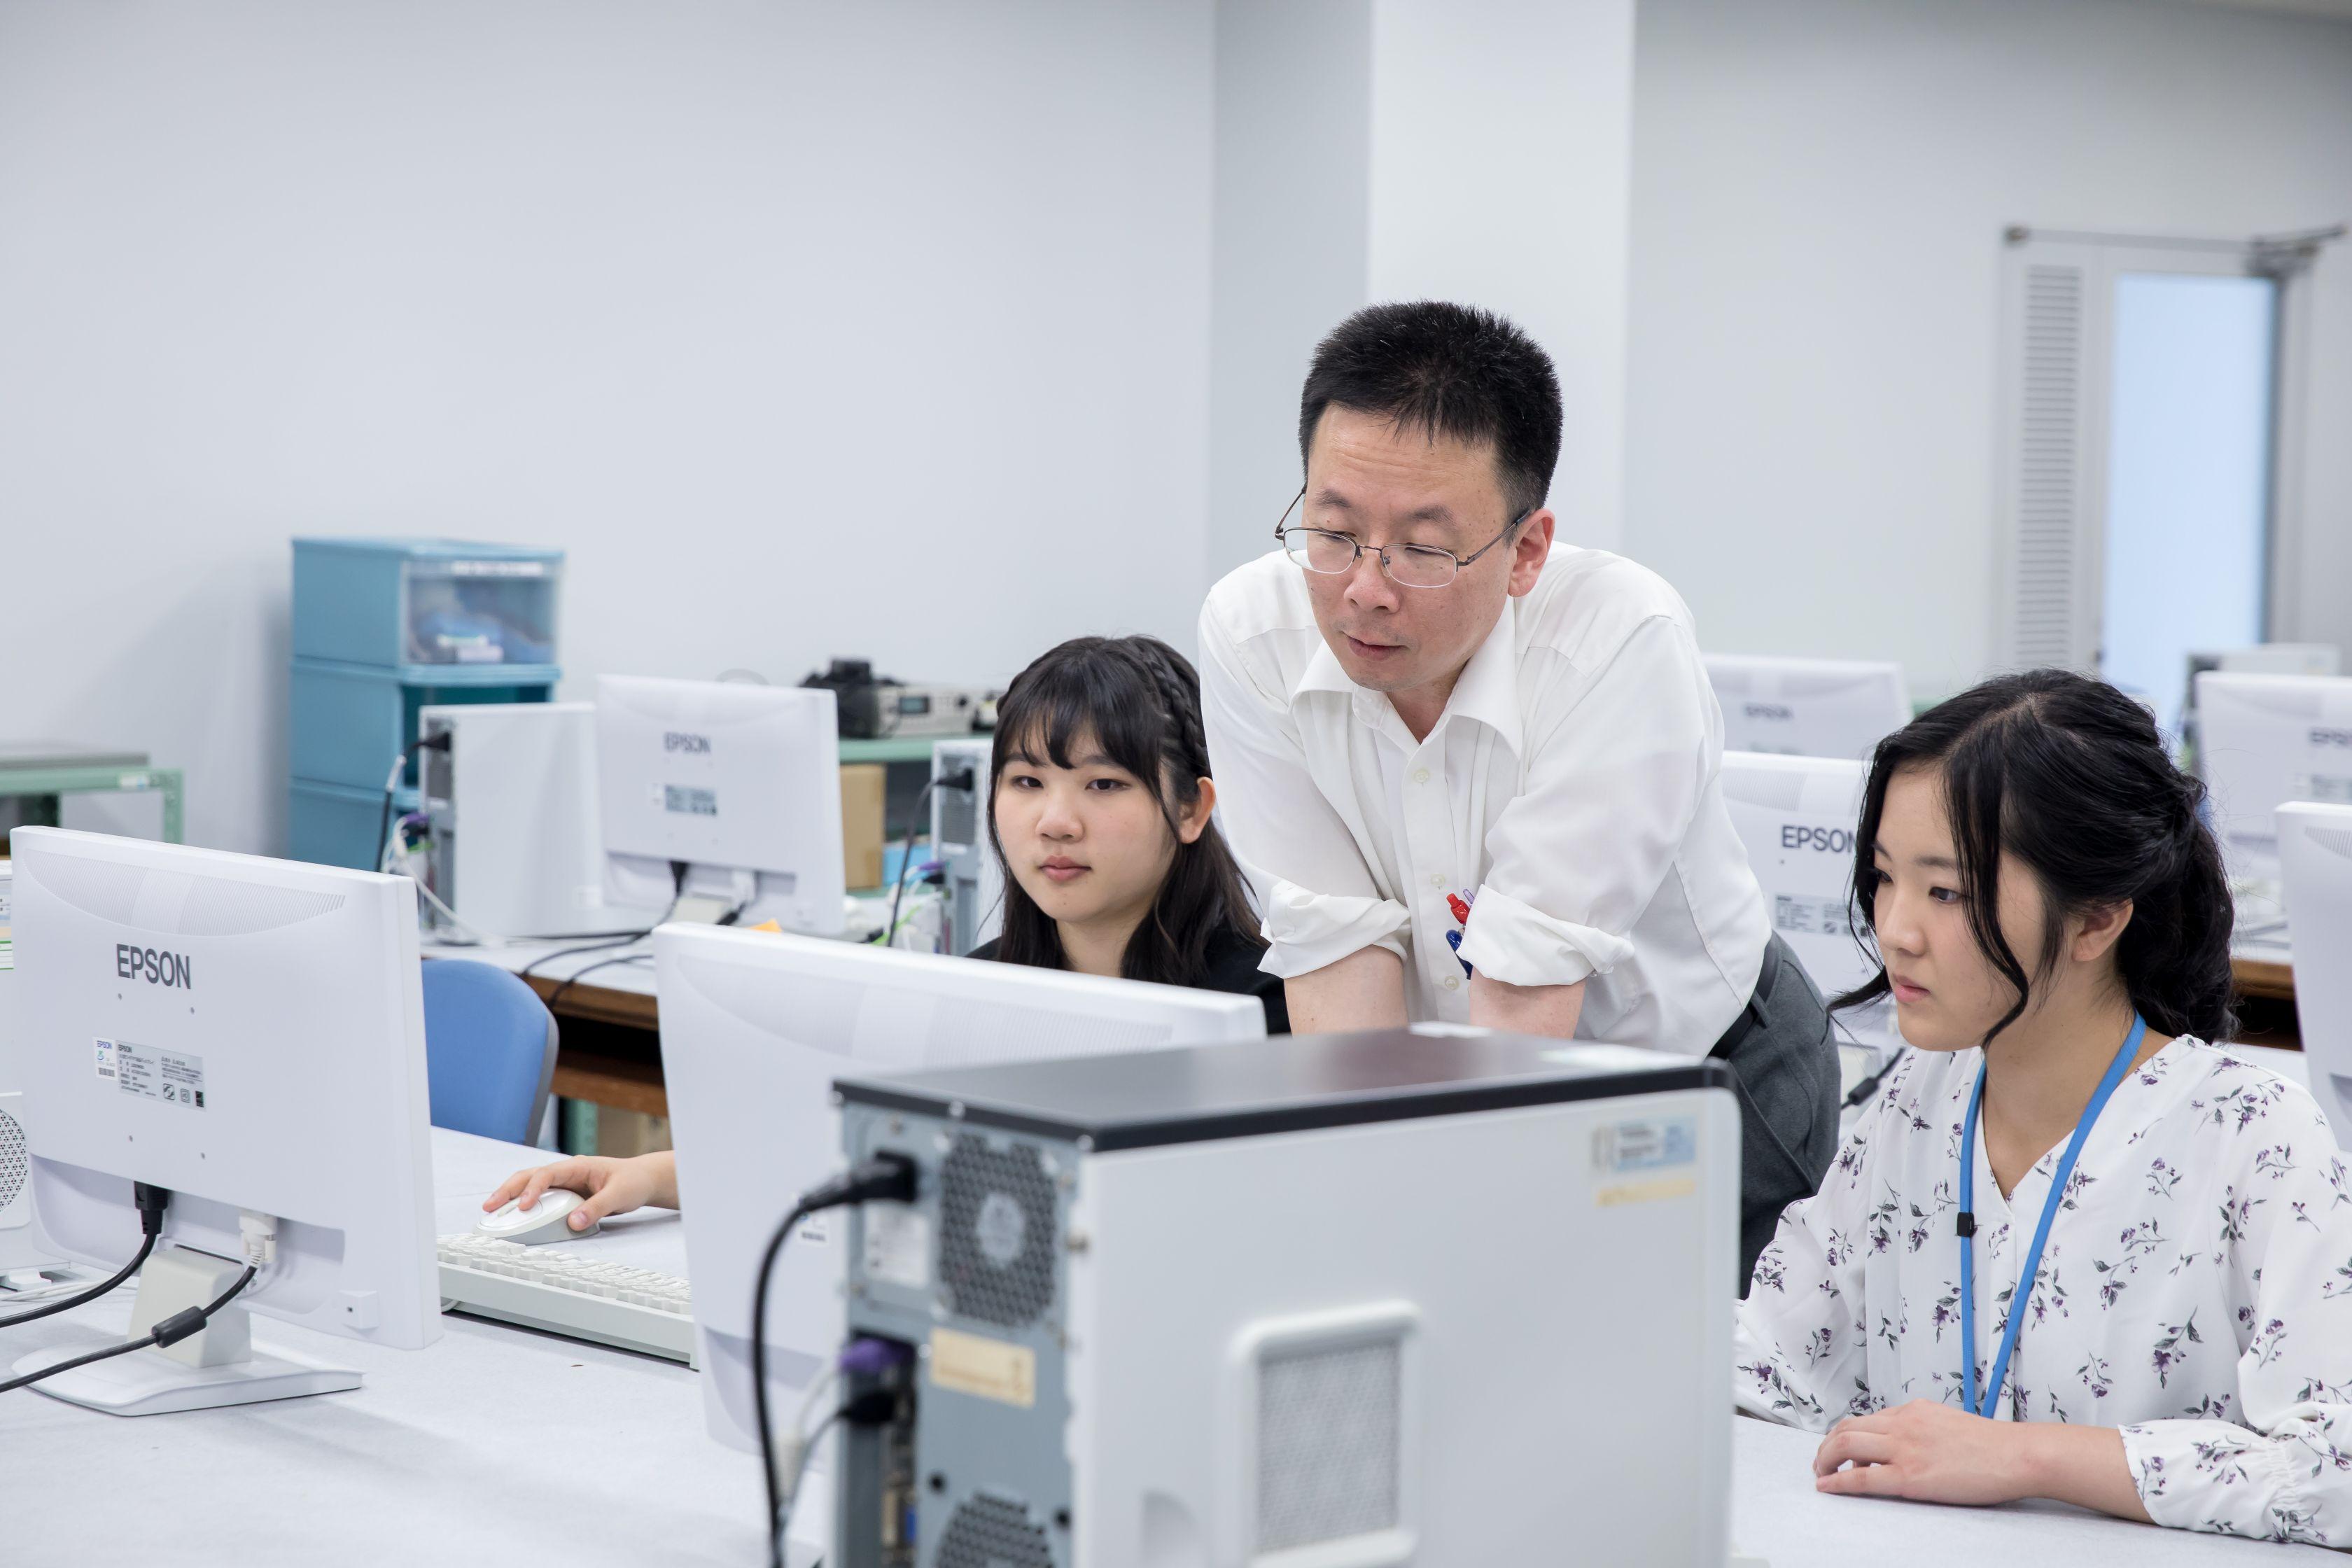 情報電子機械科授業風景02